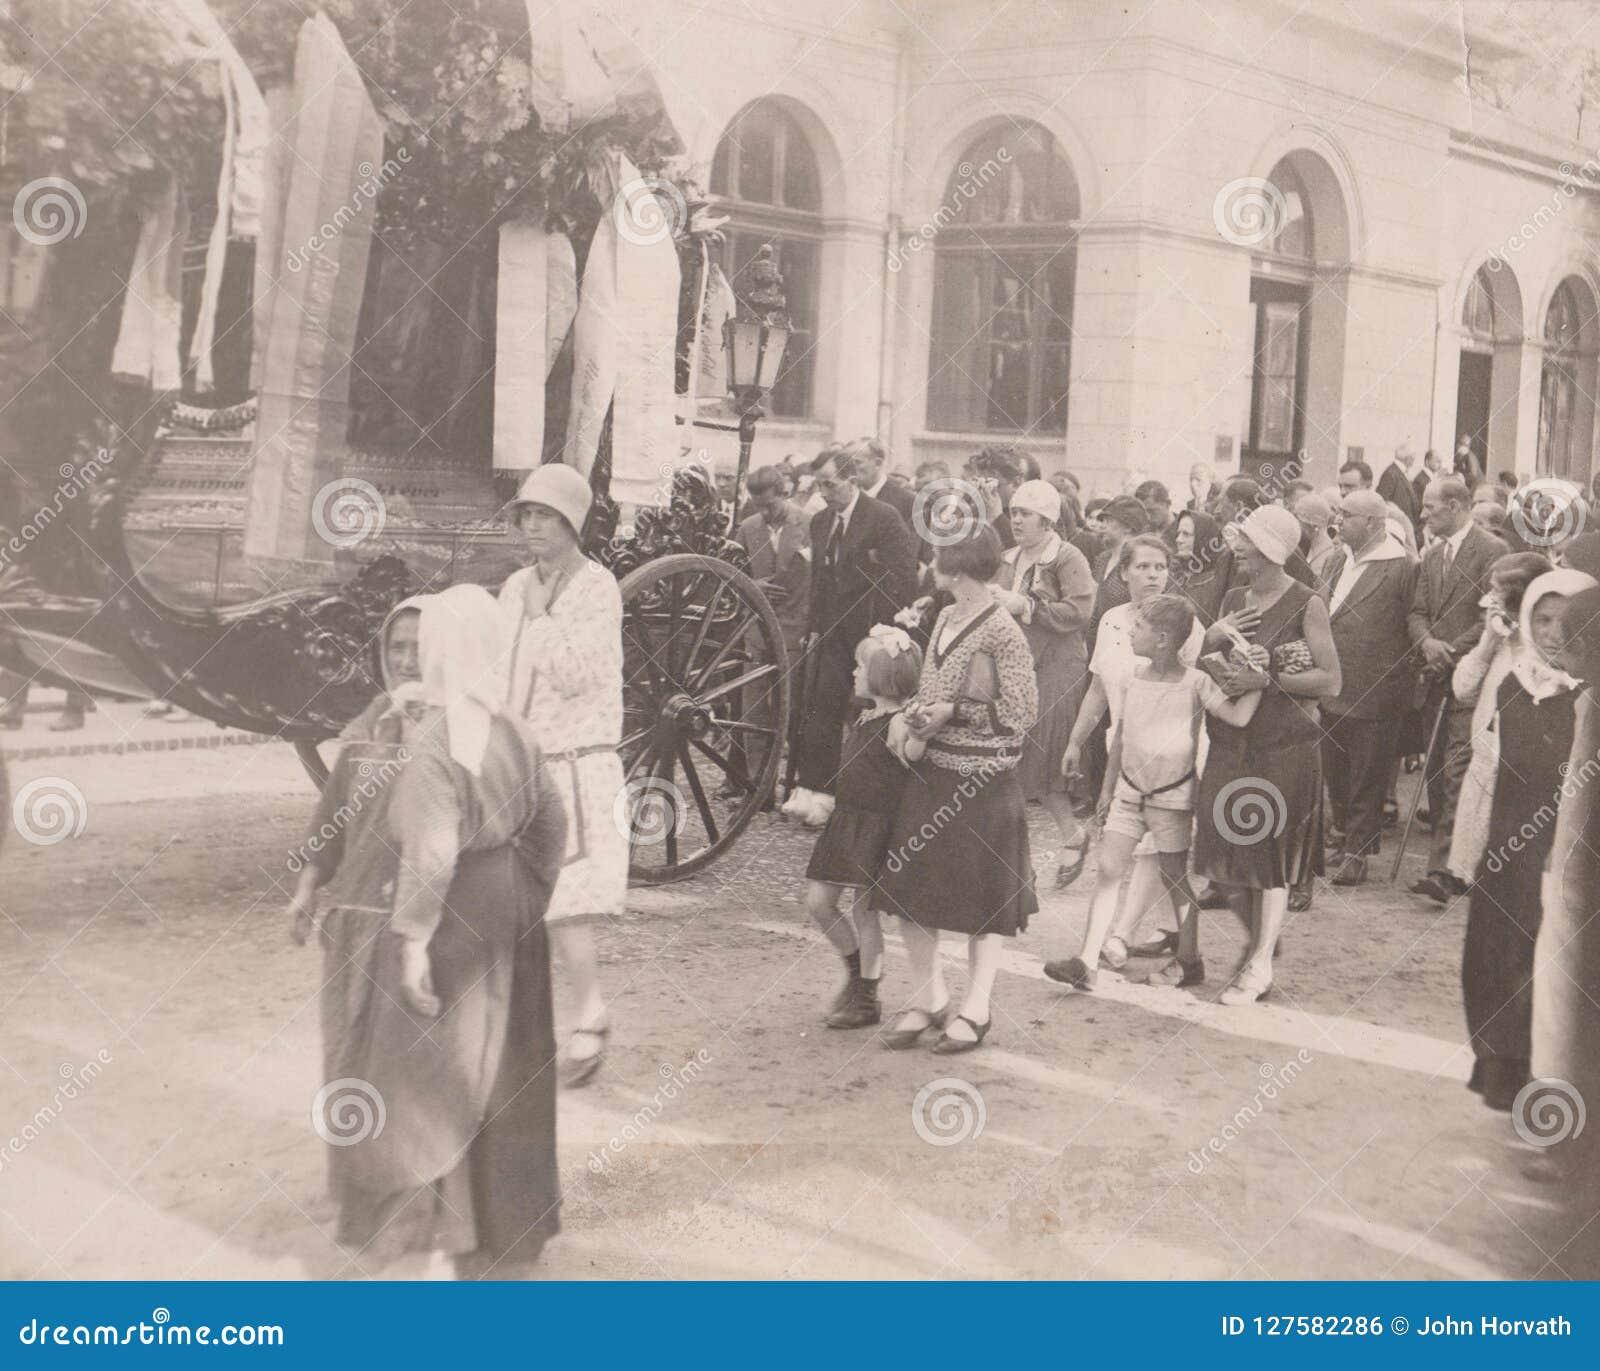 DT00006 WĘGRY OKOŁO 1920-30 ceremonia pogrzebowa